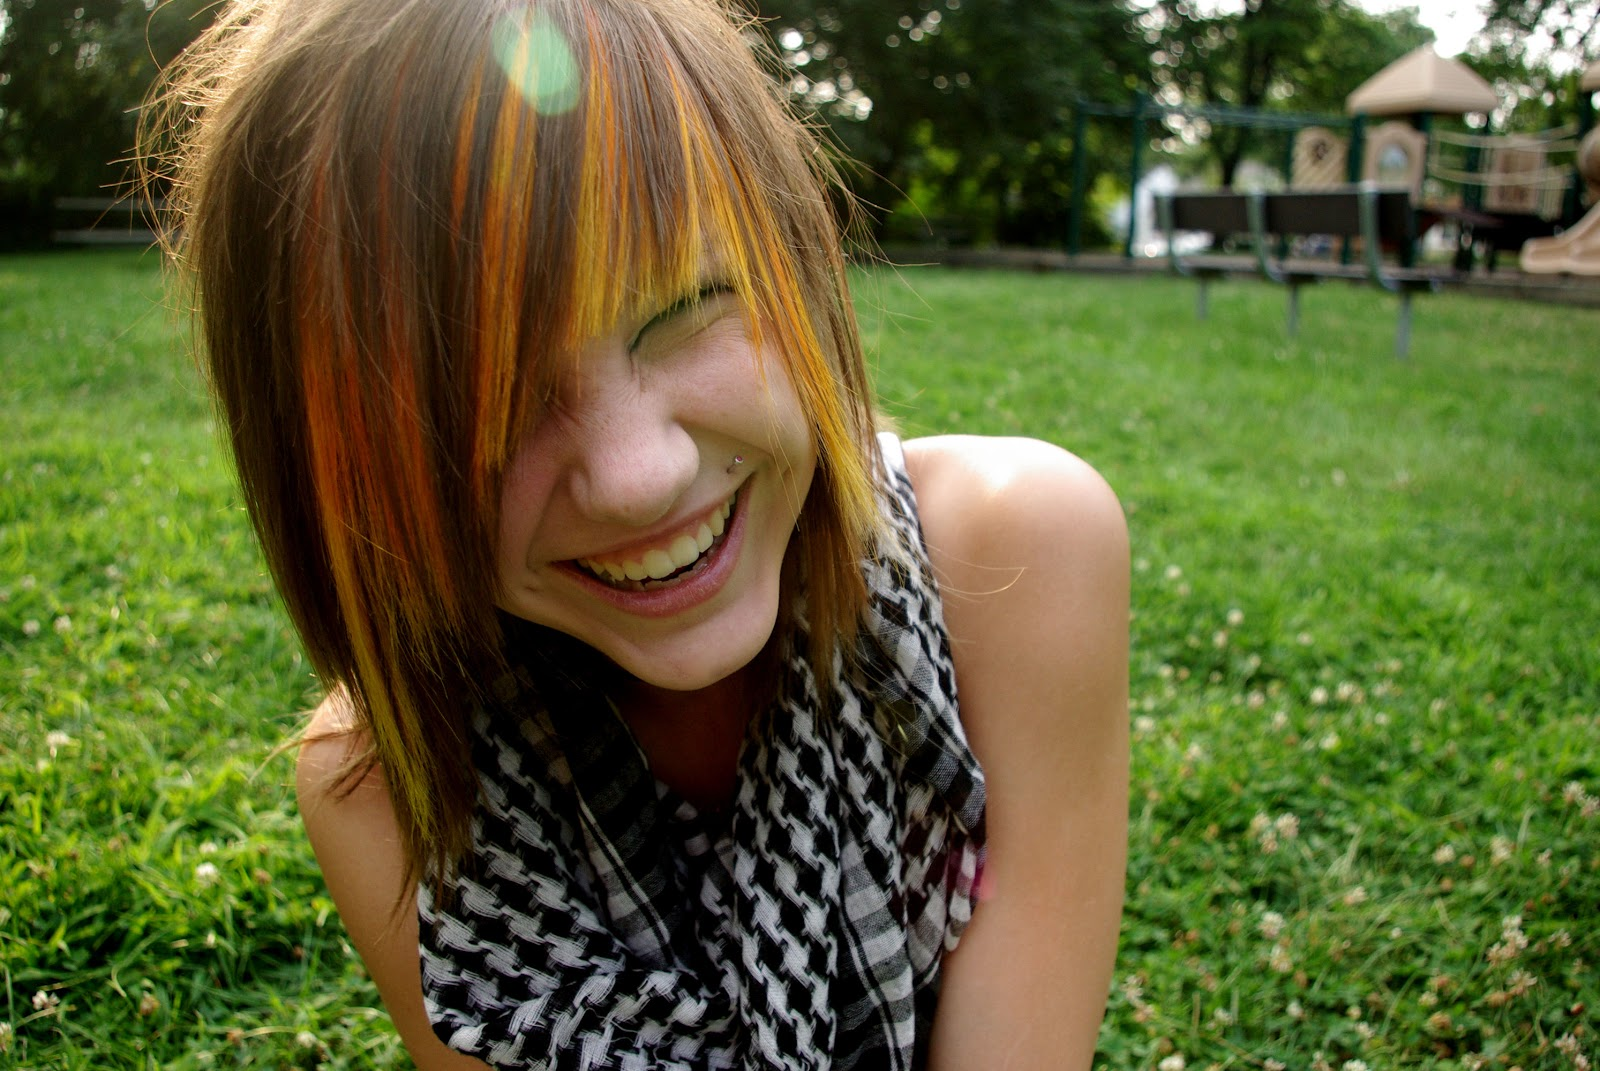 Hairstyleshort-hair-cuts-photoshort